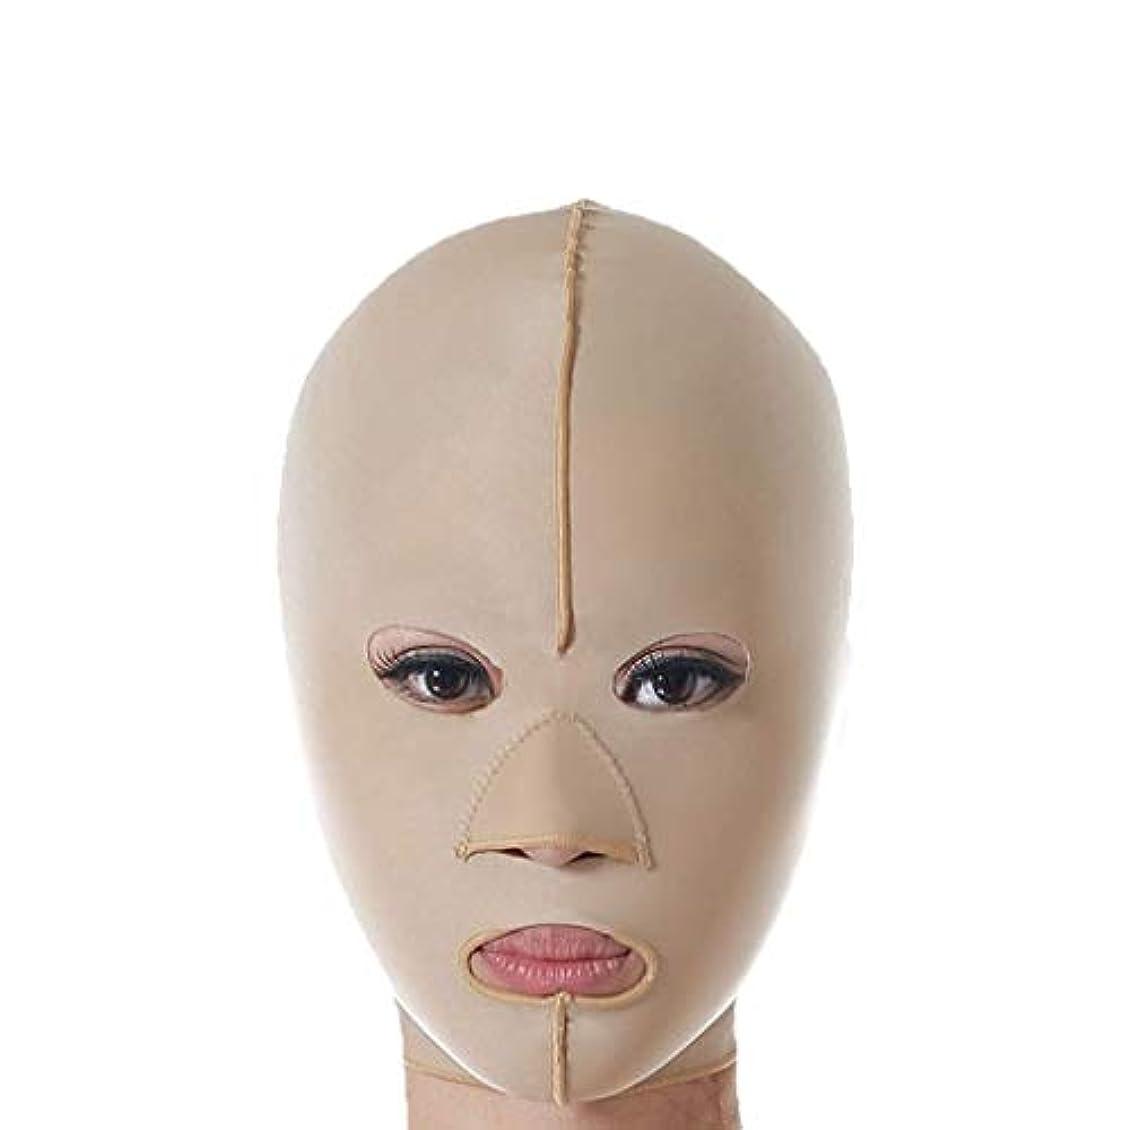 交流するカブブリーク減量フェイスマスク、リフティング包帯、スリムフェイスリフトリフティングベルト、フェイシャル減量リフティング包帯、リフティングファーミング包帯(サイズ:XL),S